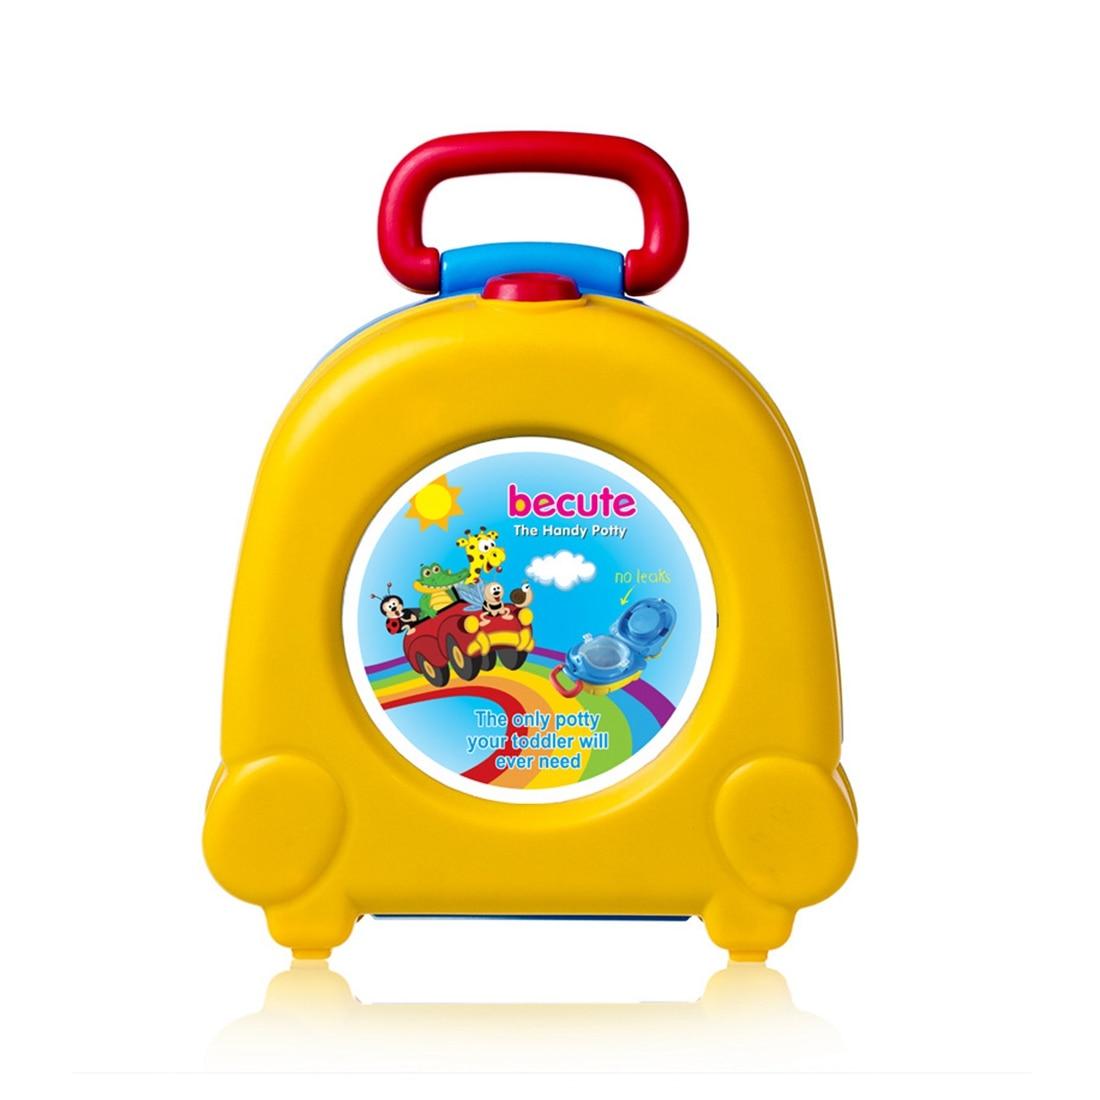 FleißIg Cnim Heißer Kinder Reise Kleine Wc Kinder Tragbare Toilette Reise Reise Tragbare Auto-montiert Tragbare Toilette Gelb Festsetzung Der Preise Nach ProduktqualitäT